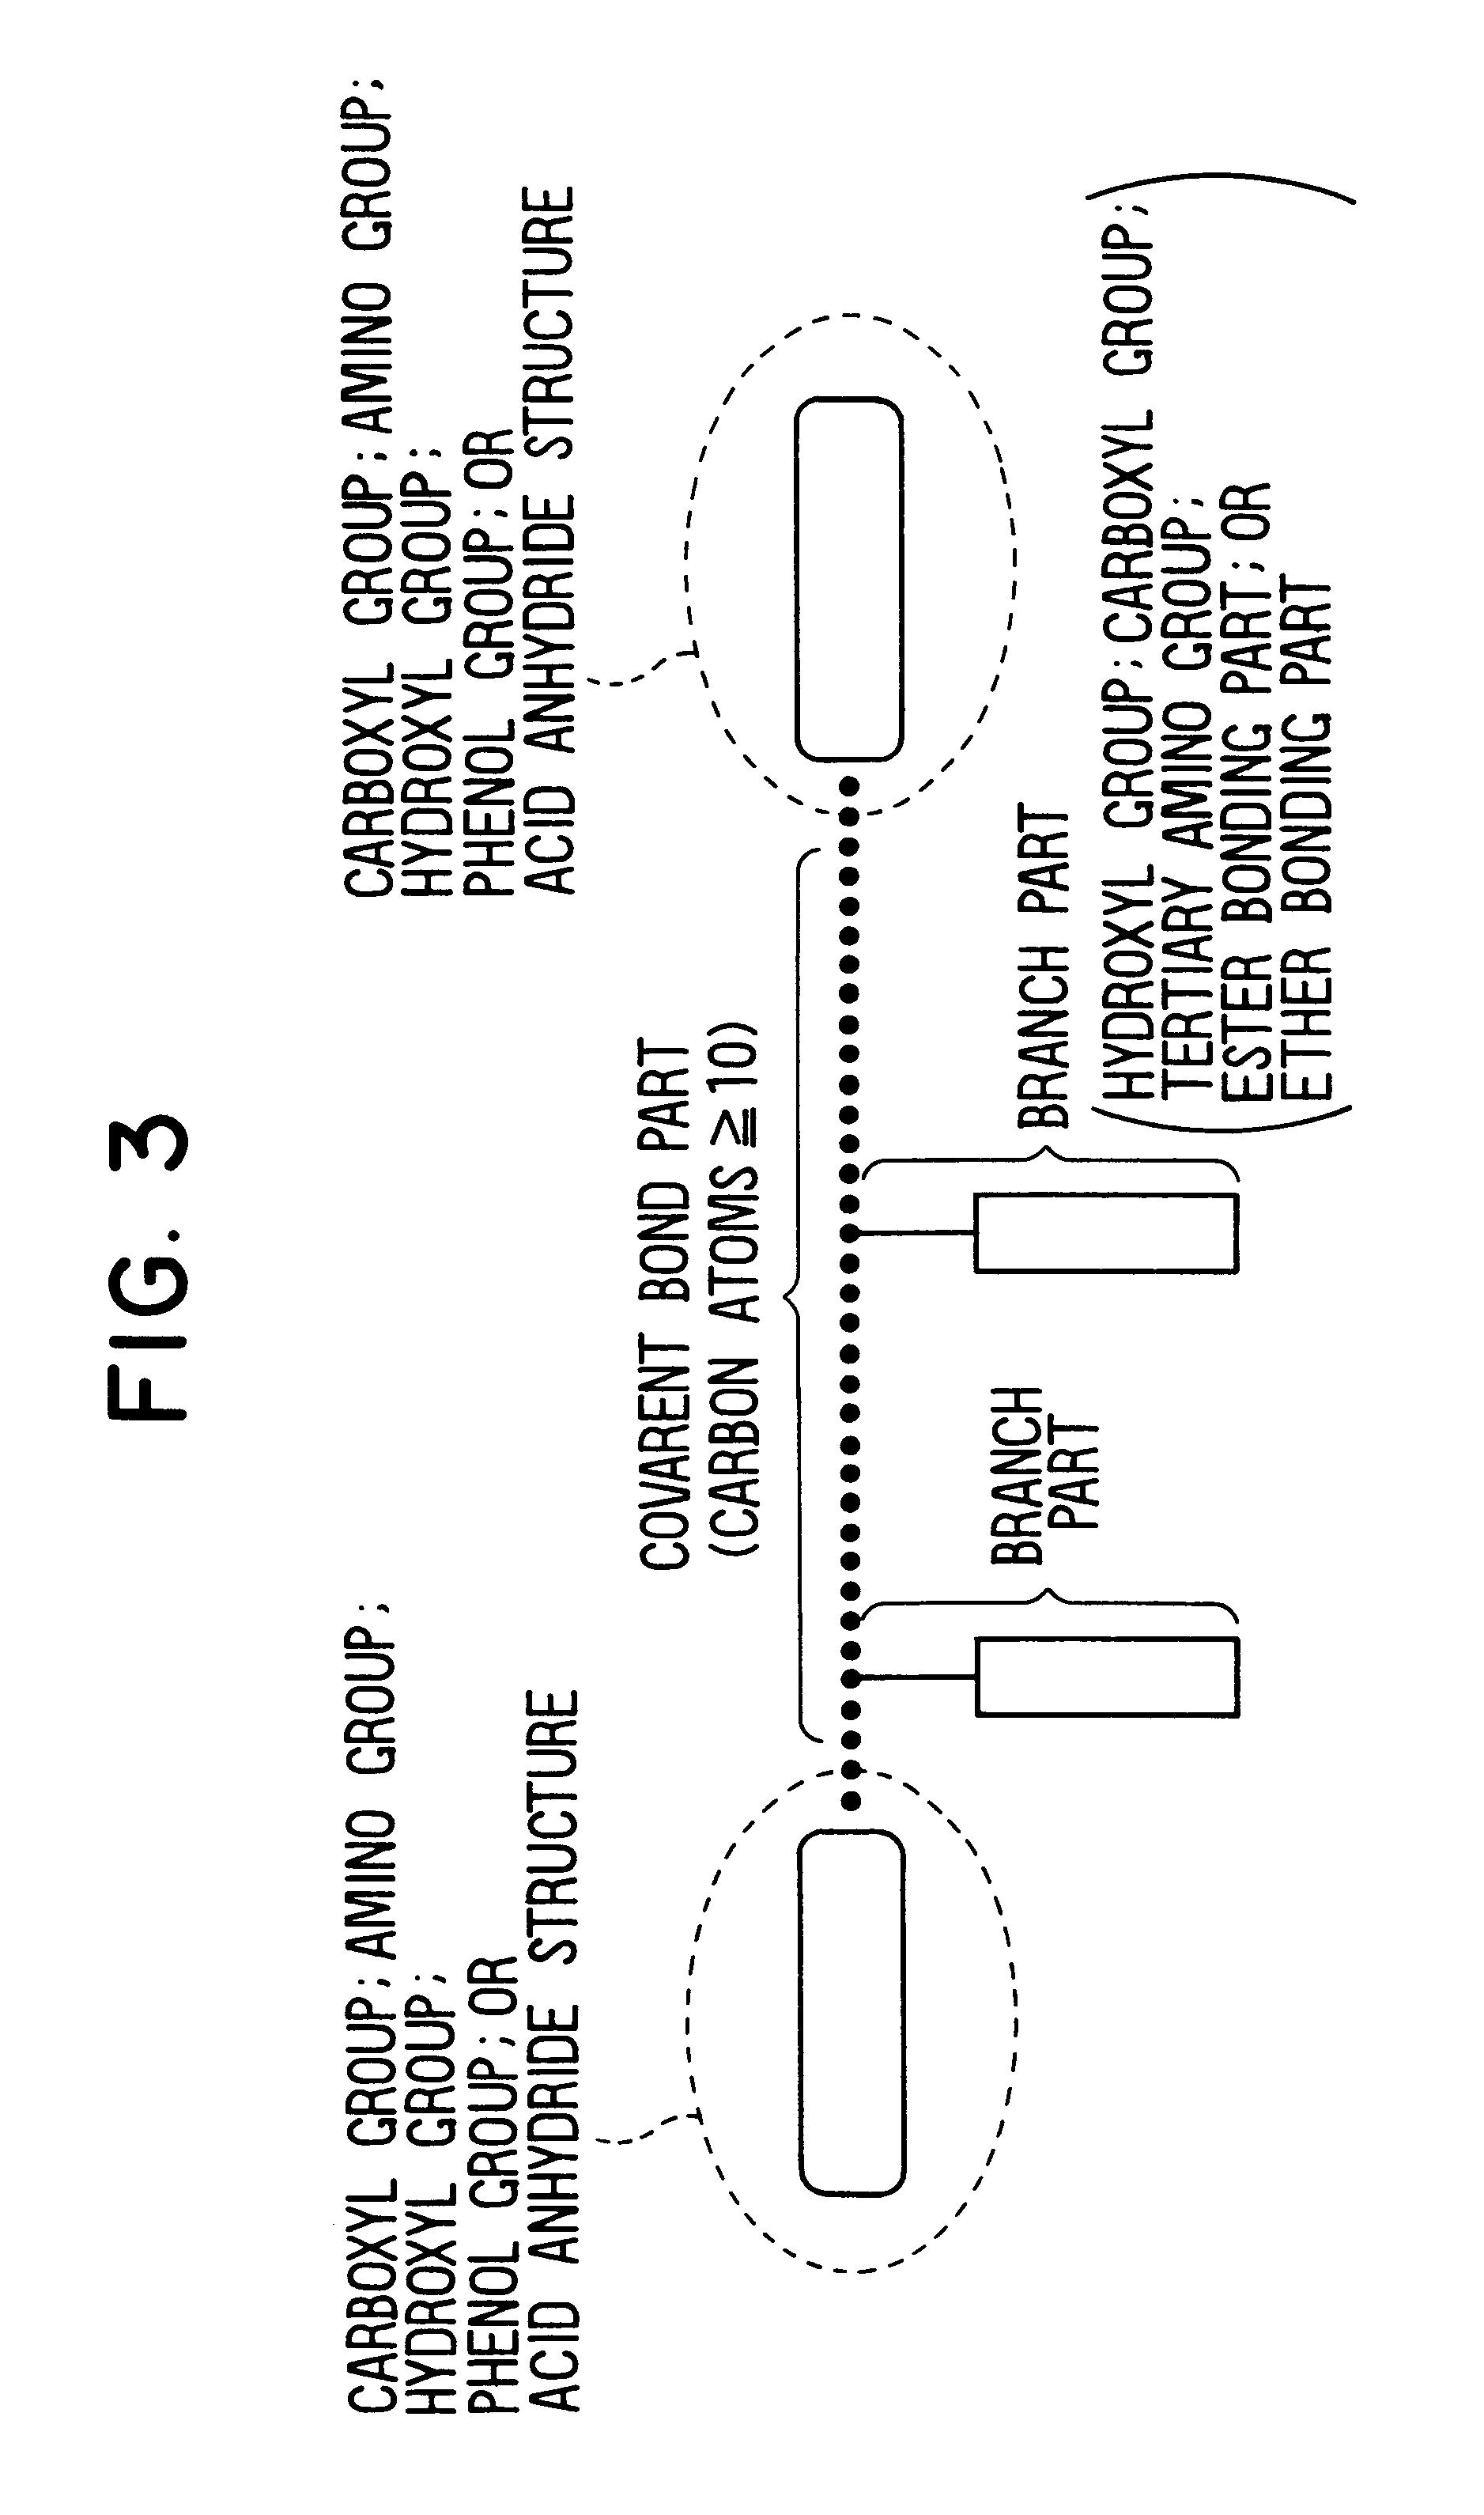 patent us6274821